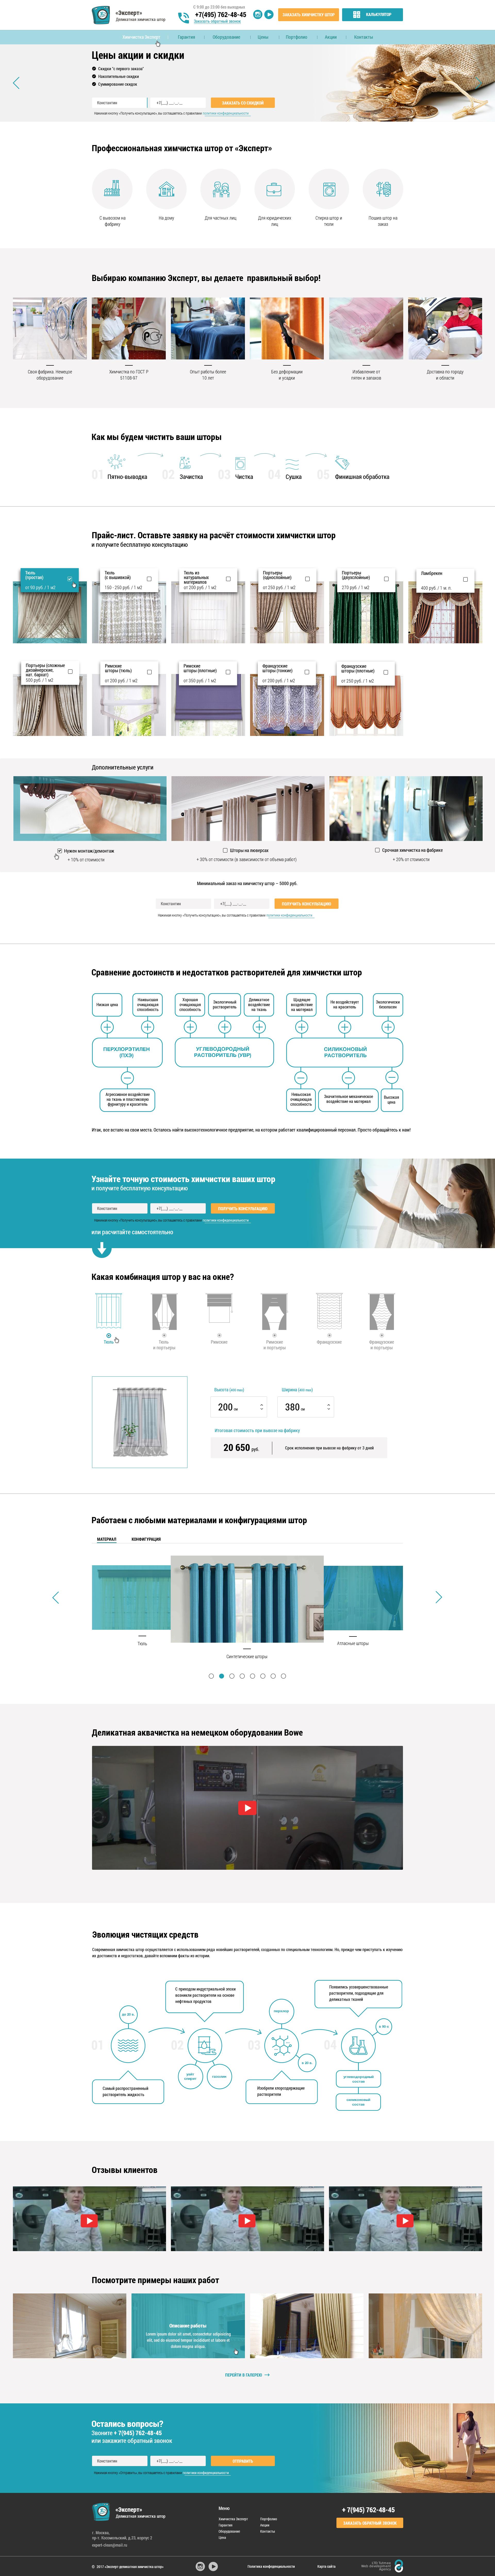 Адаптивный дизайн сайта - Химчистка штор